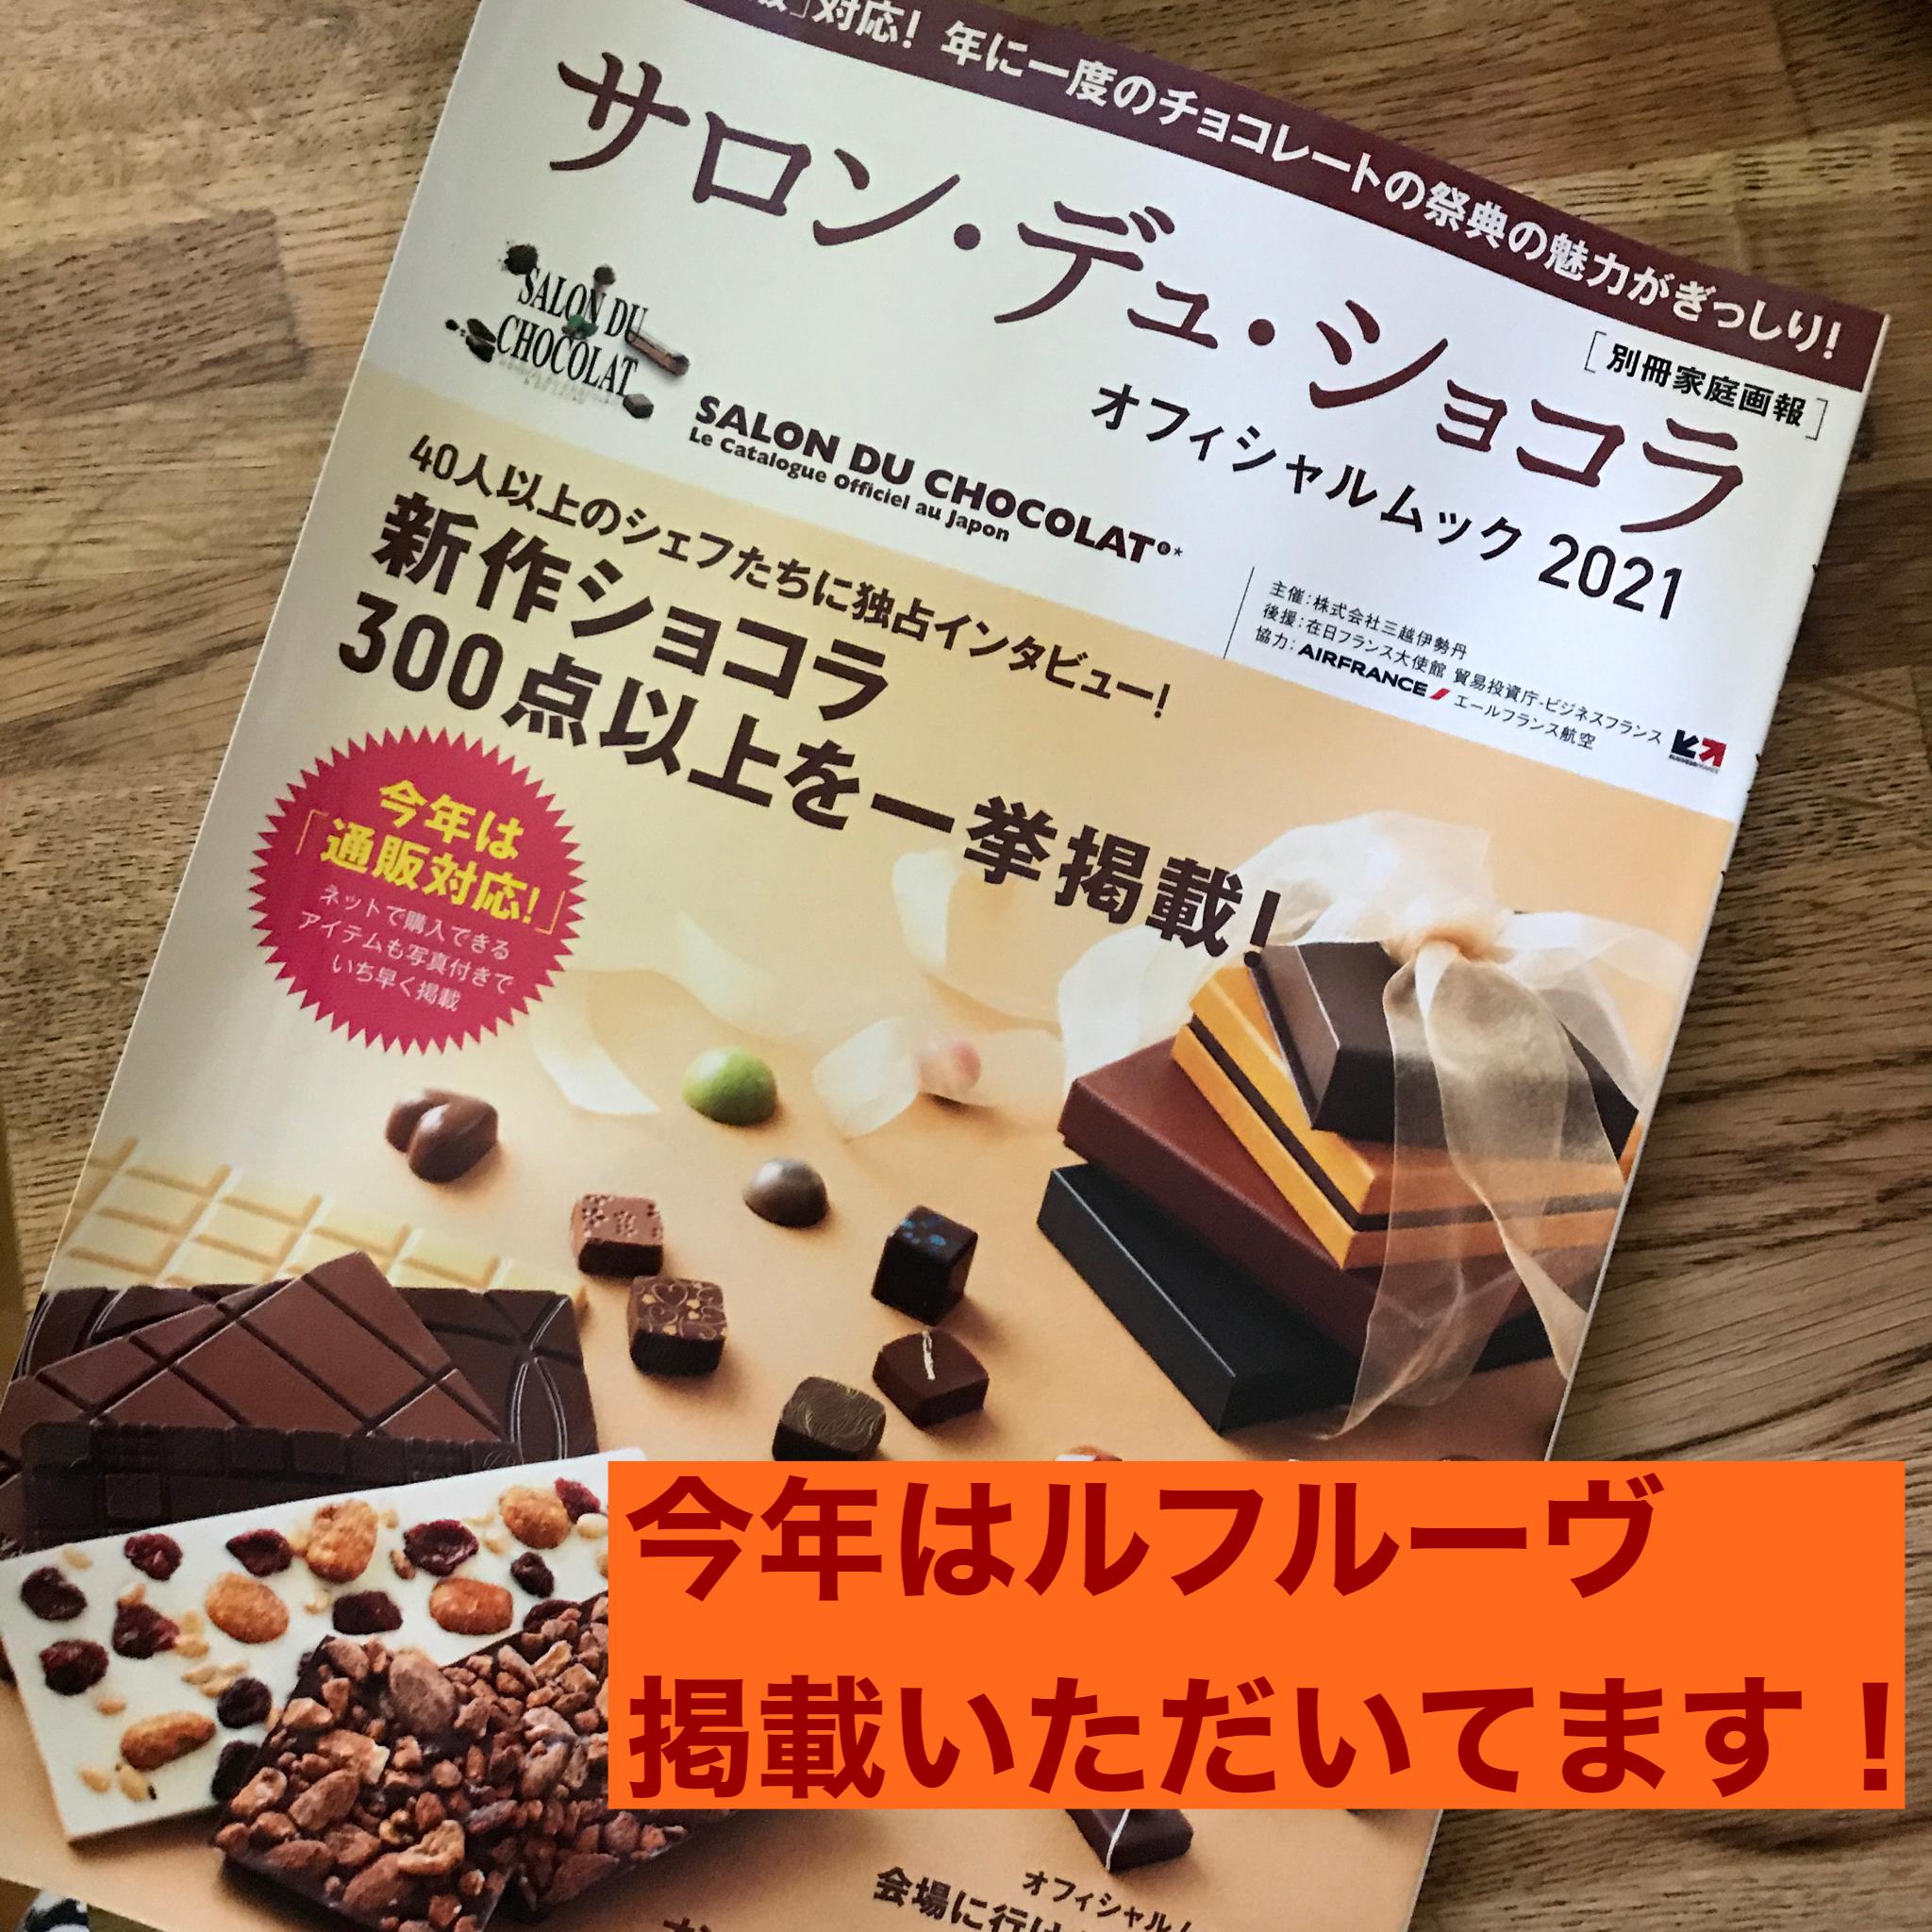 2021年 東京・名古屋・大阪の各百貨店に出店いたします!